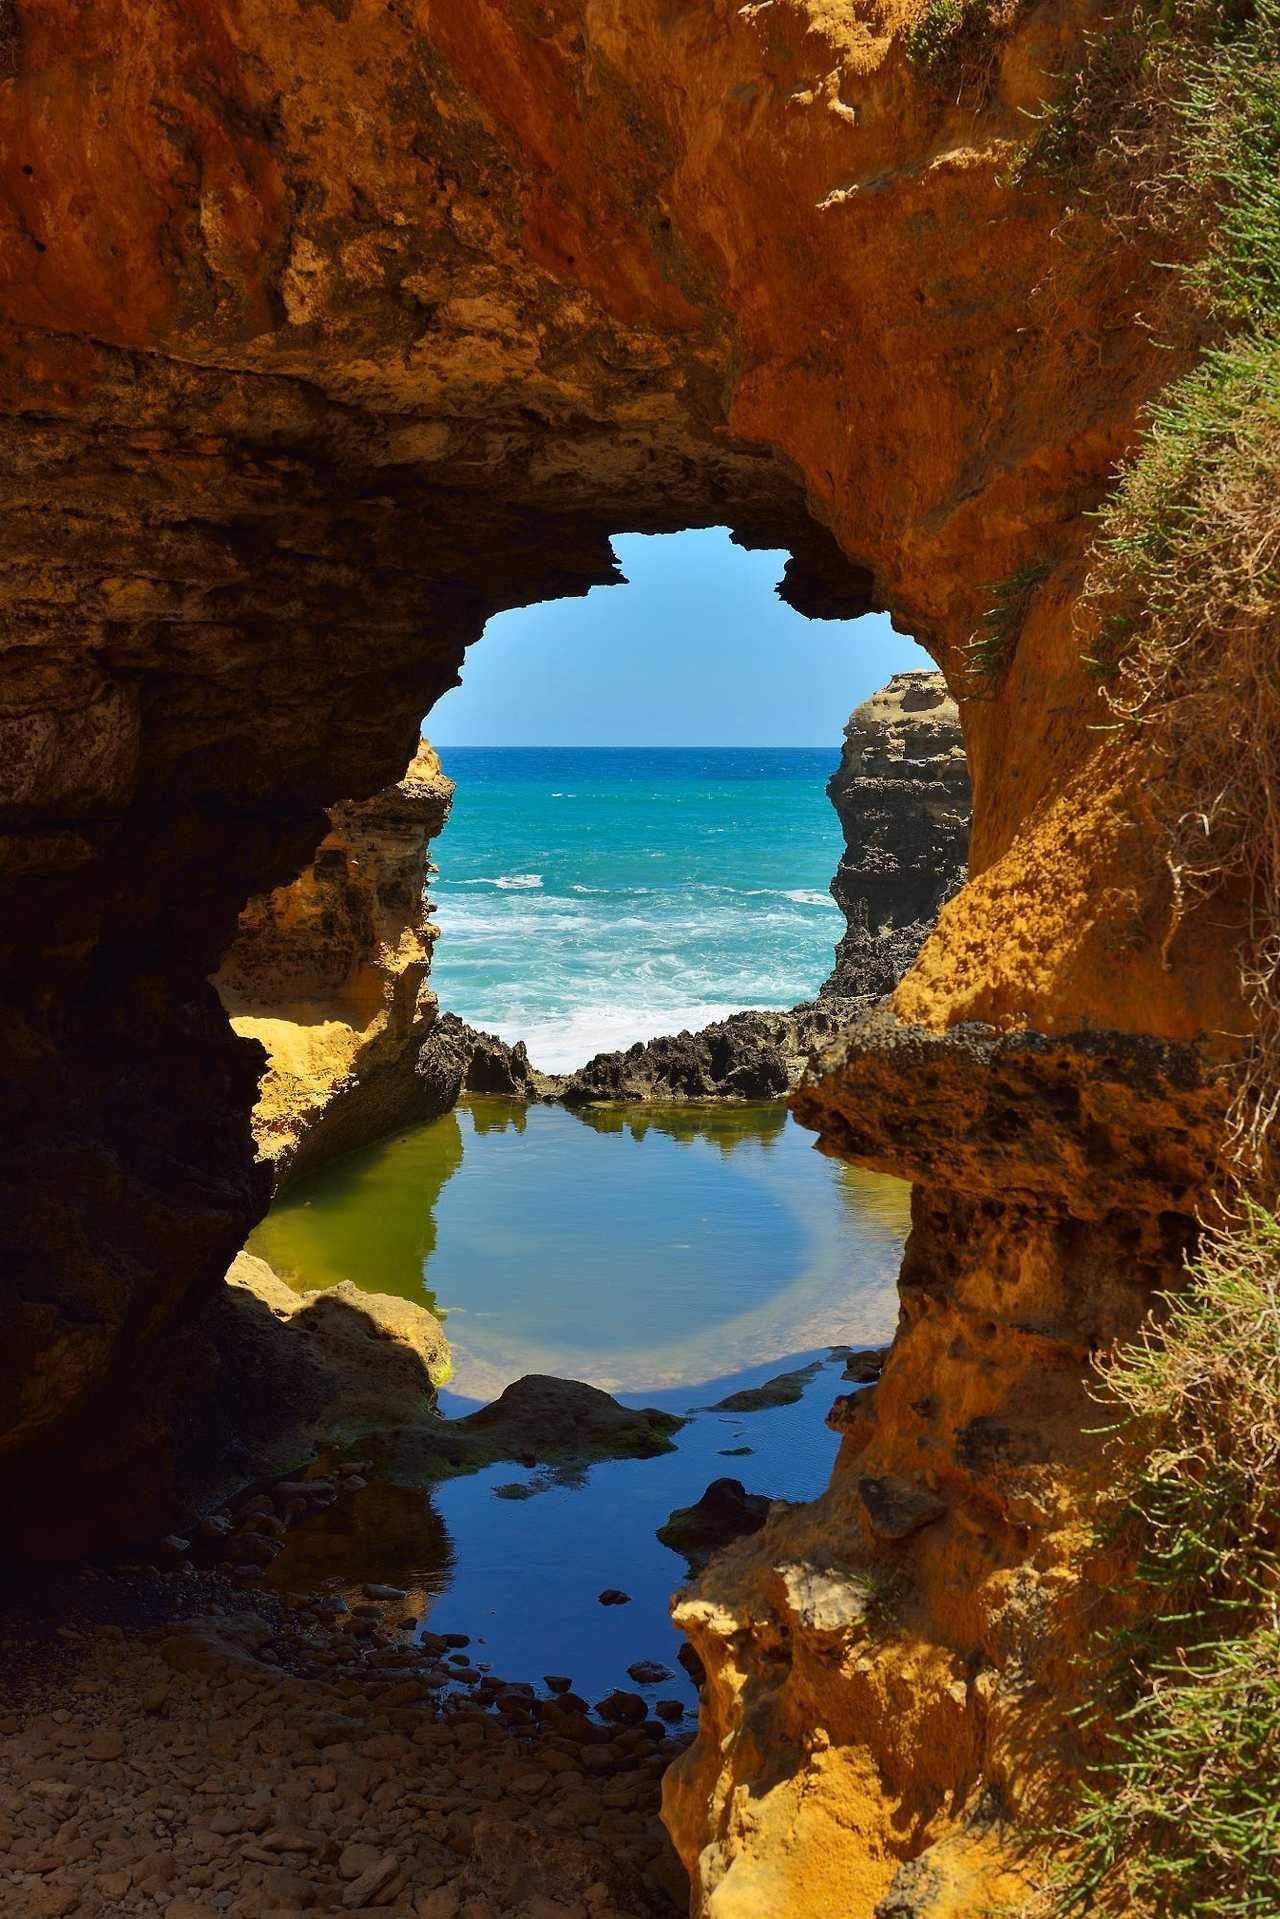 Ocean View By Radius Images At Victoria Australia